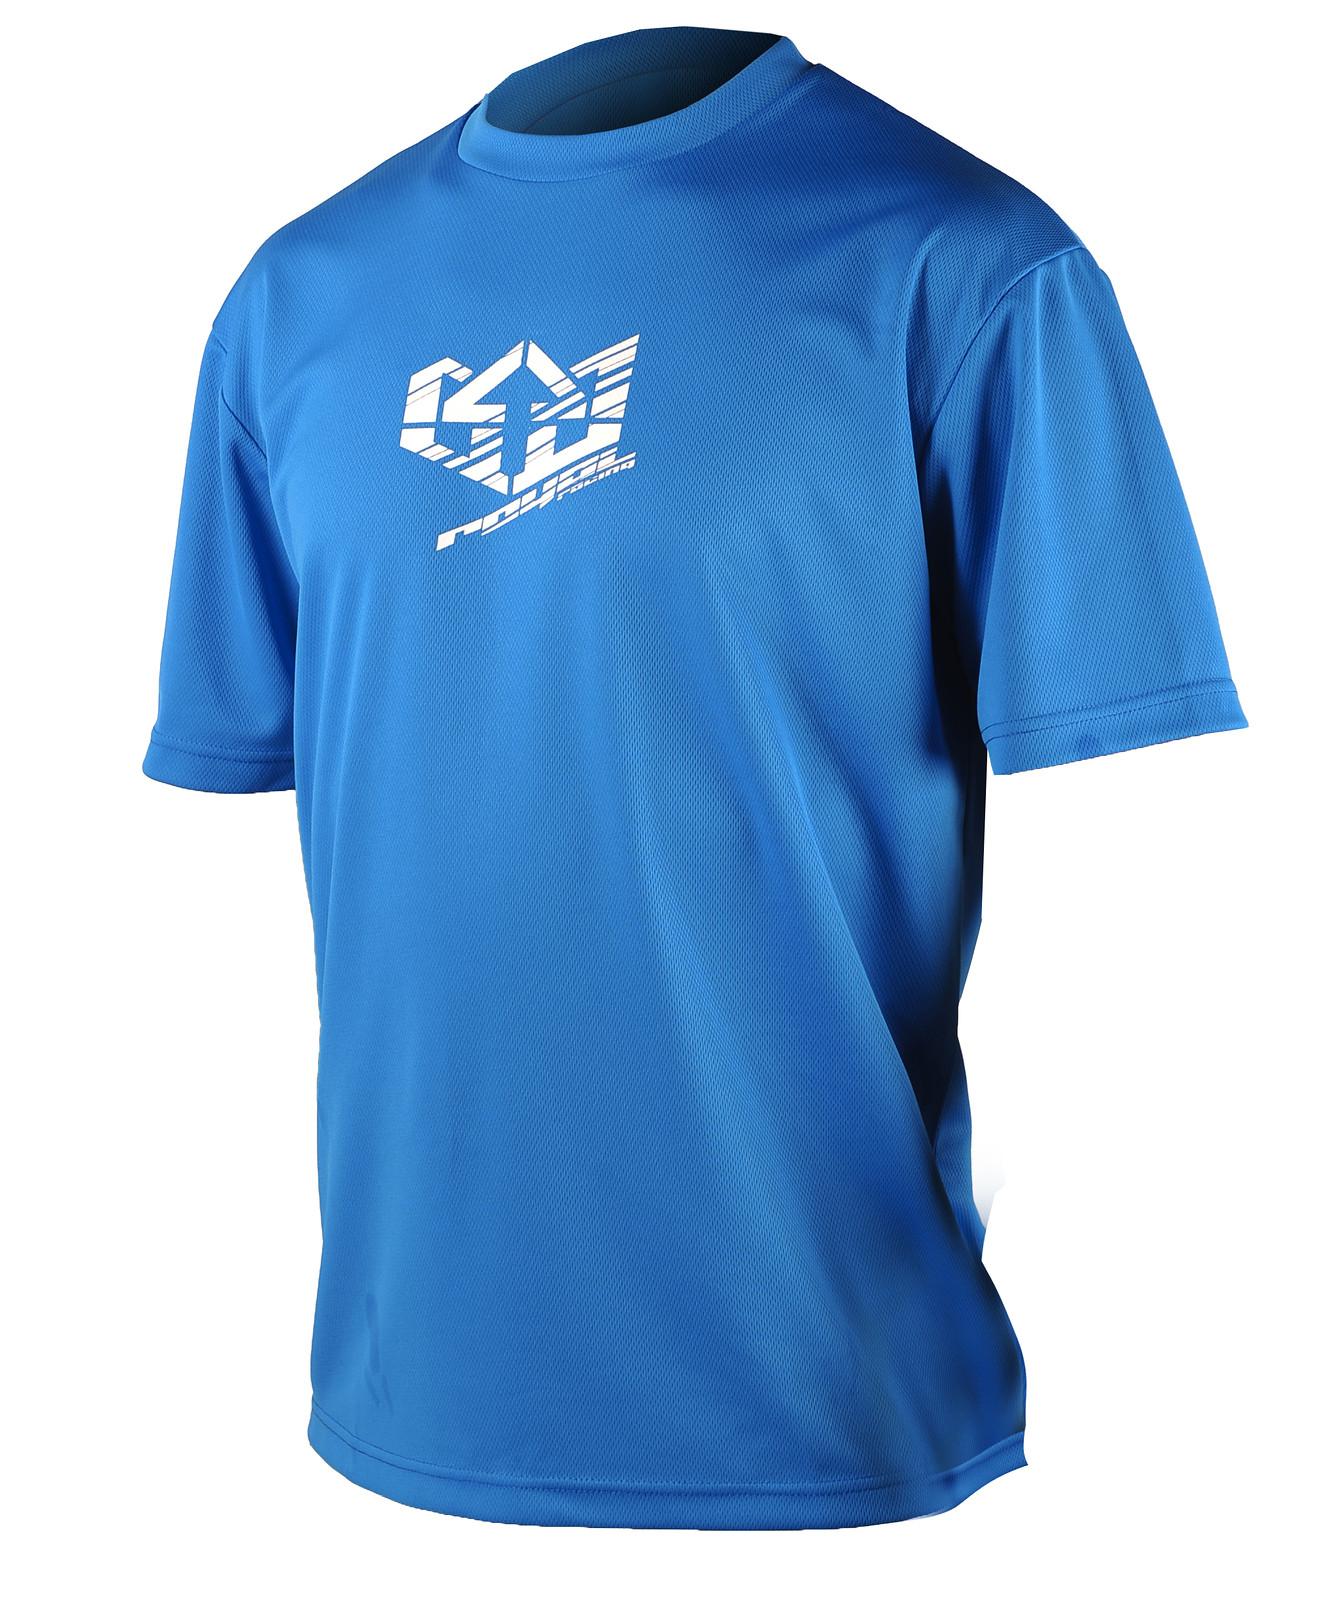 Jersey-Tech-Blue